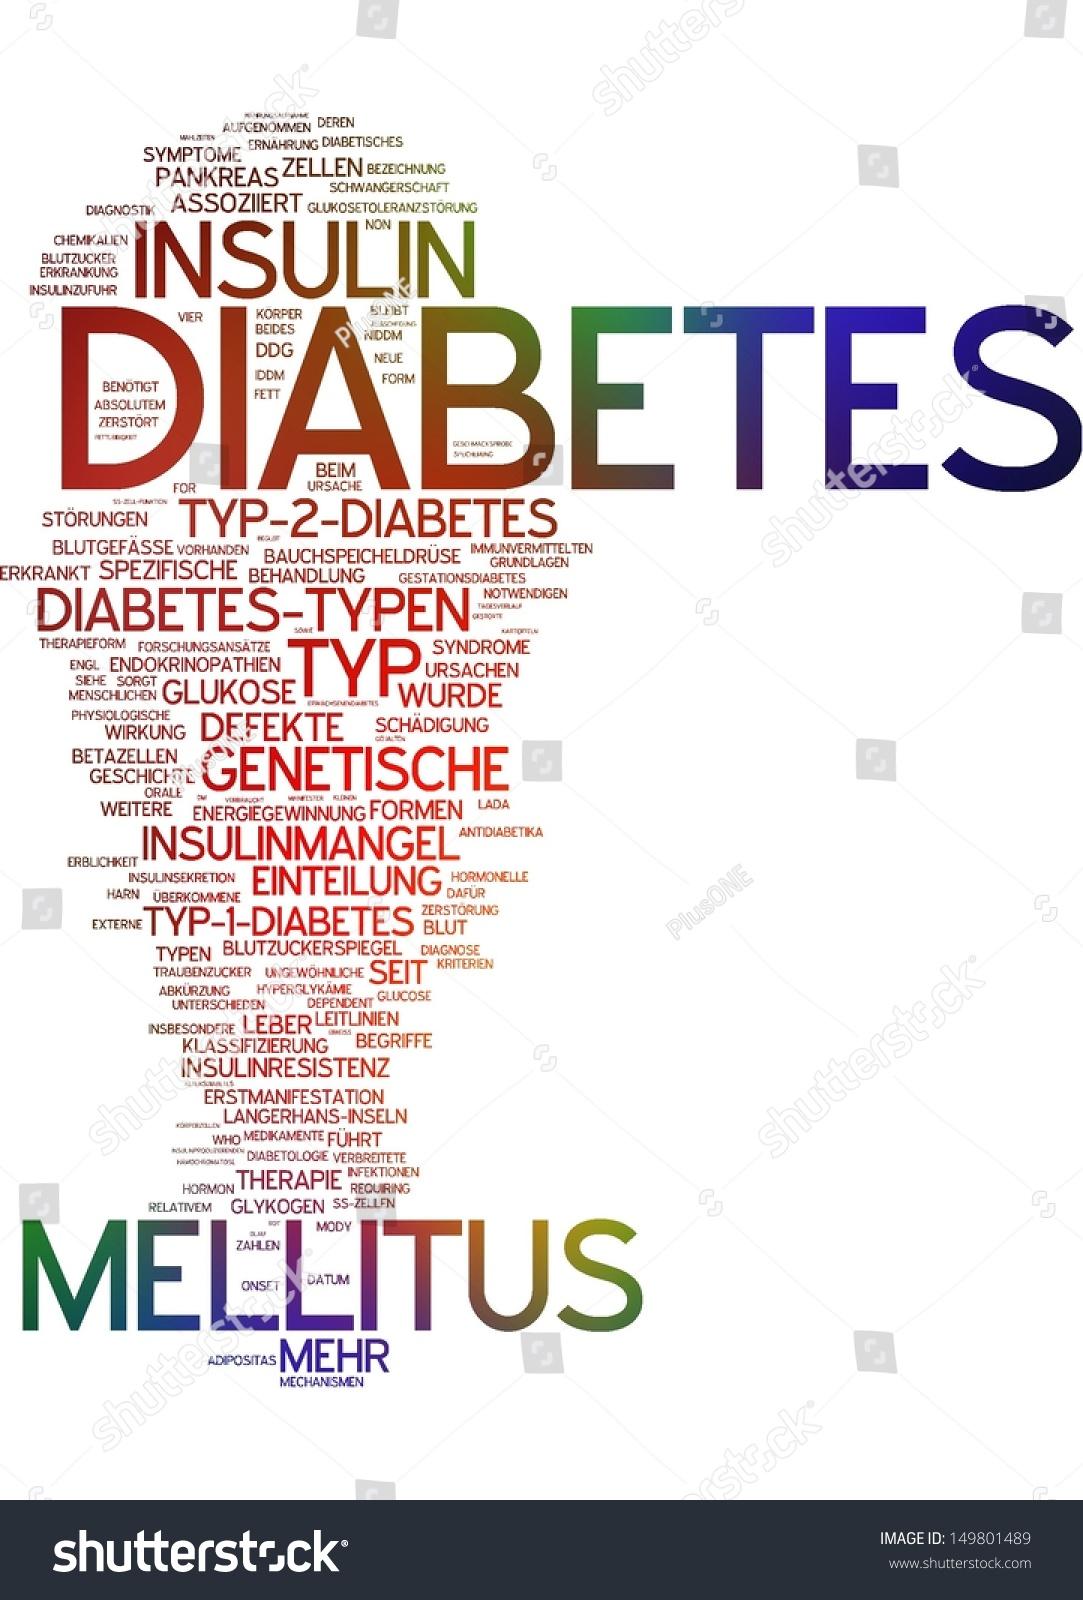 diabetes tipo 1 y 2 ursache